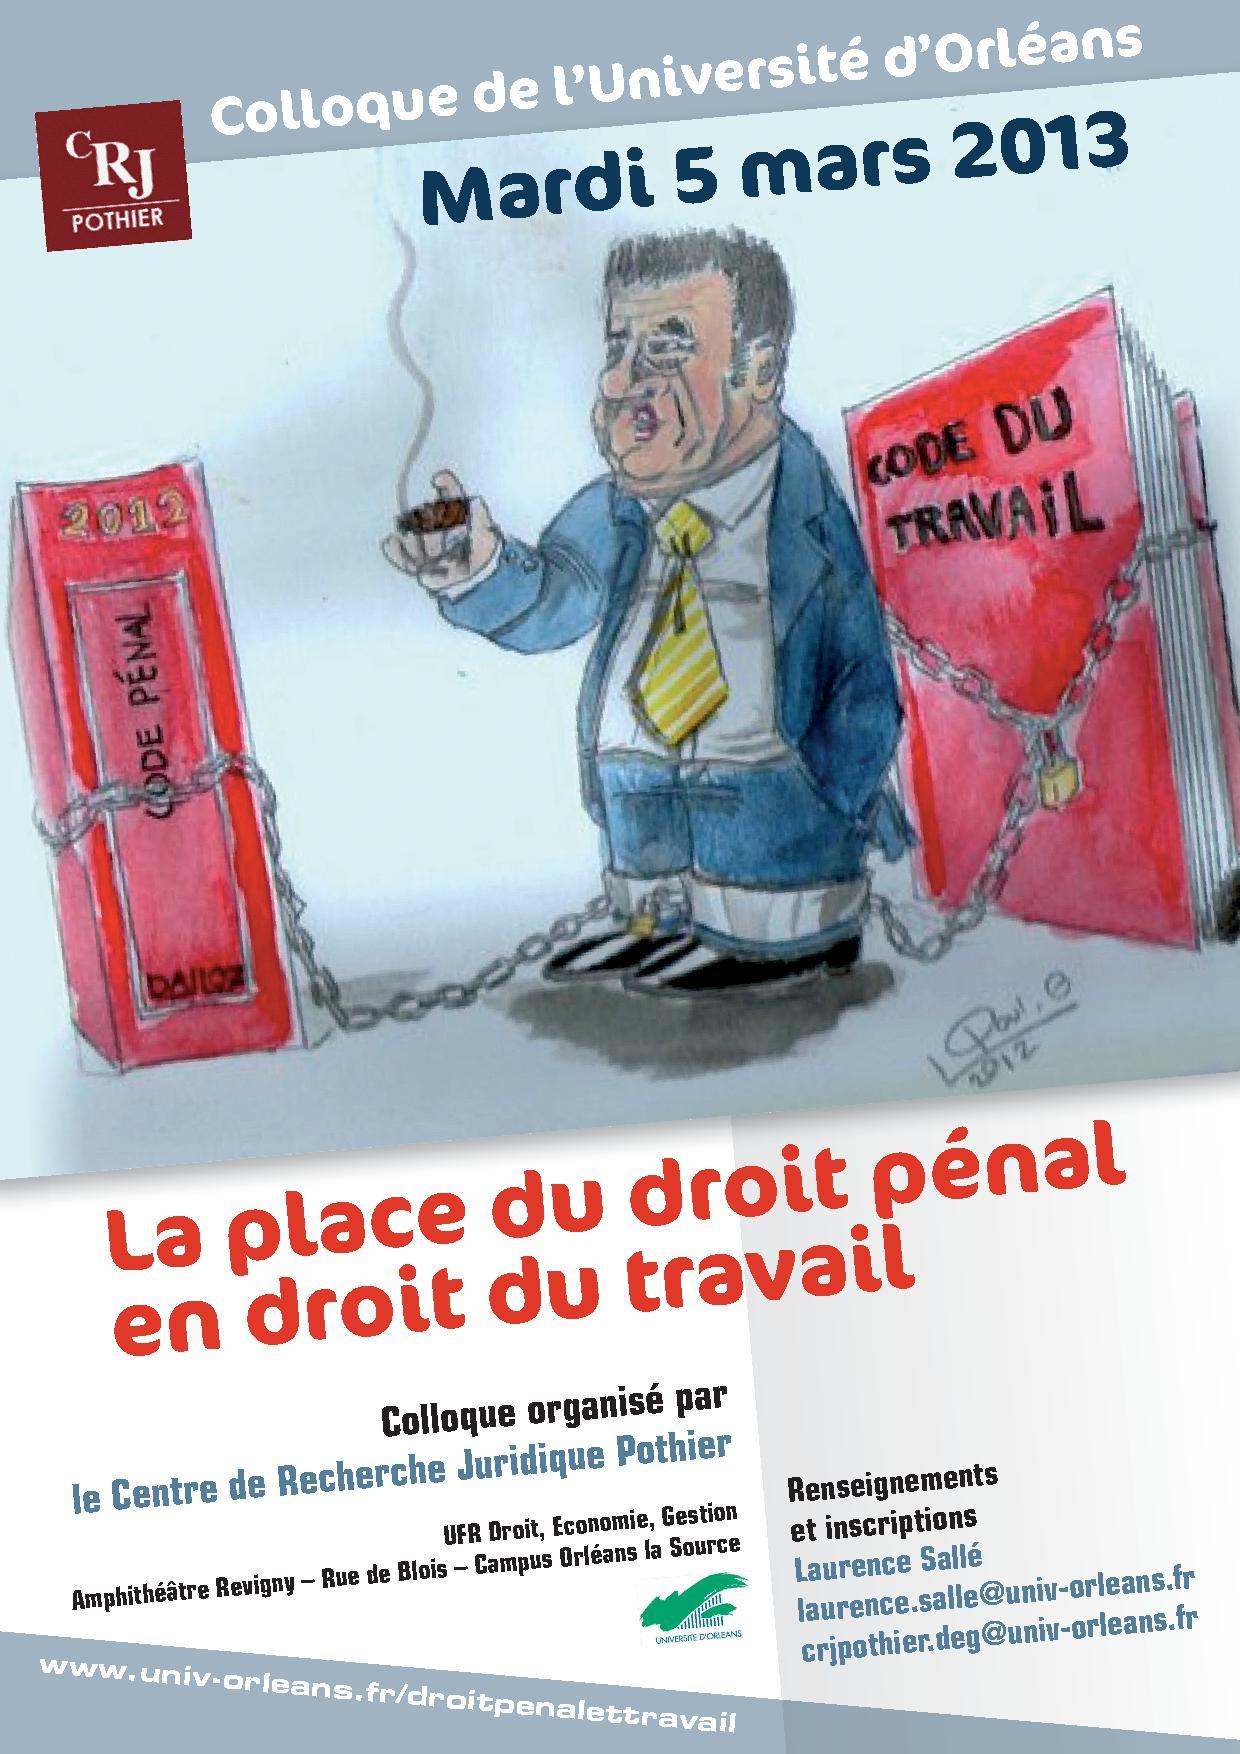 La place du droit p nal en droit du travail orl ans 5 mars 2013 sciencesc - Droit du locataire travaux ...